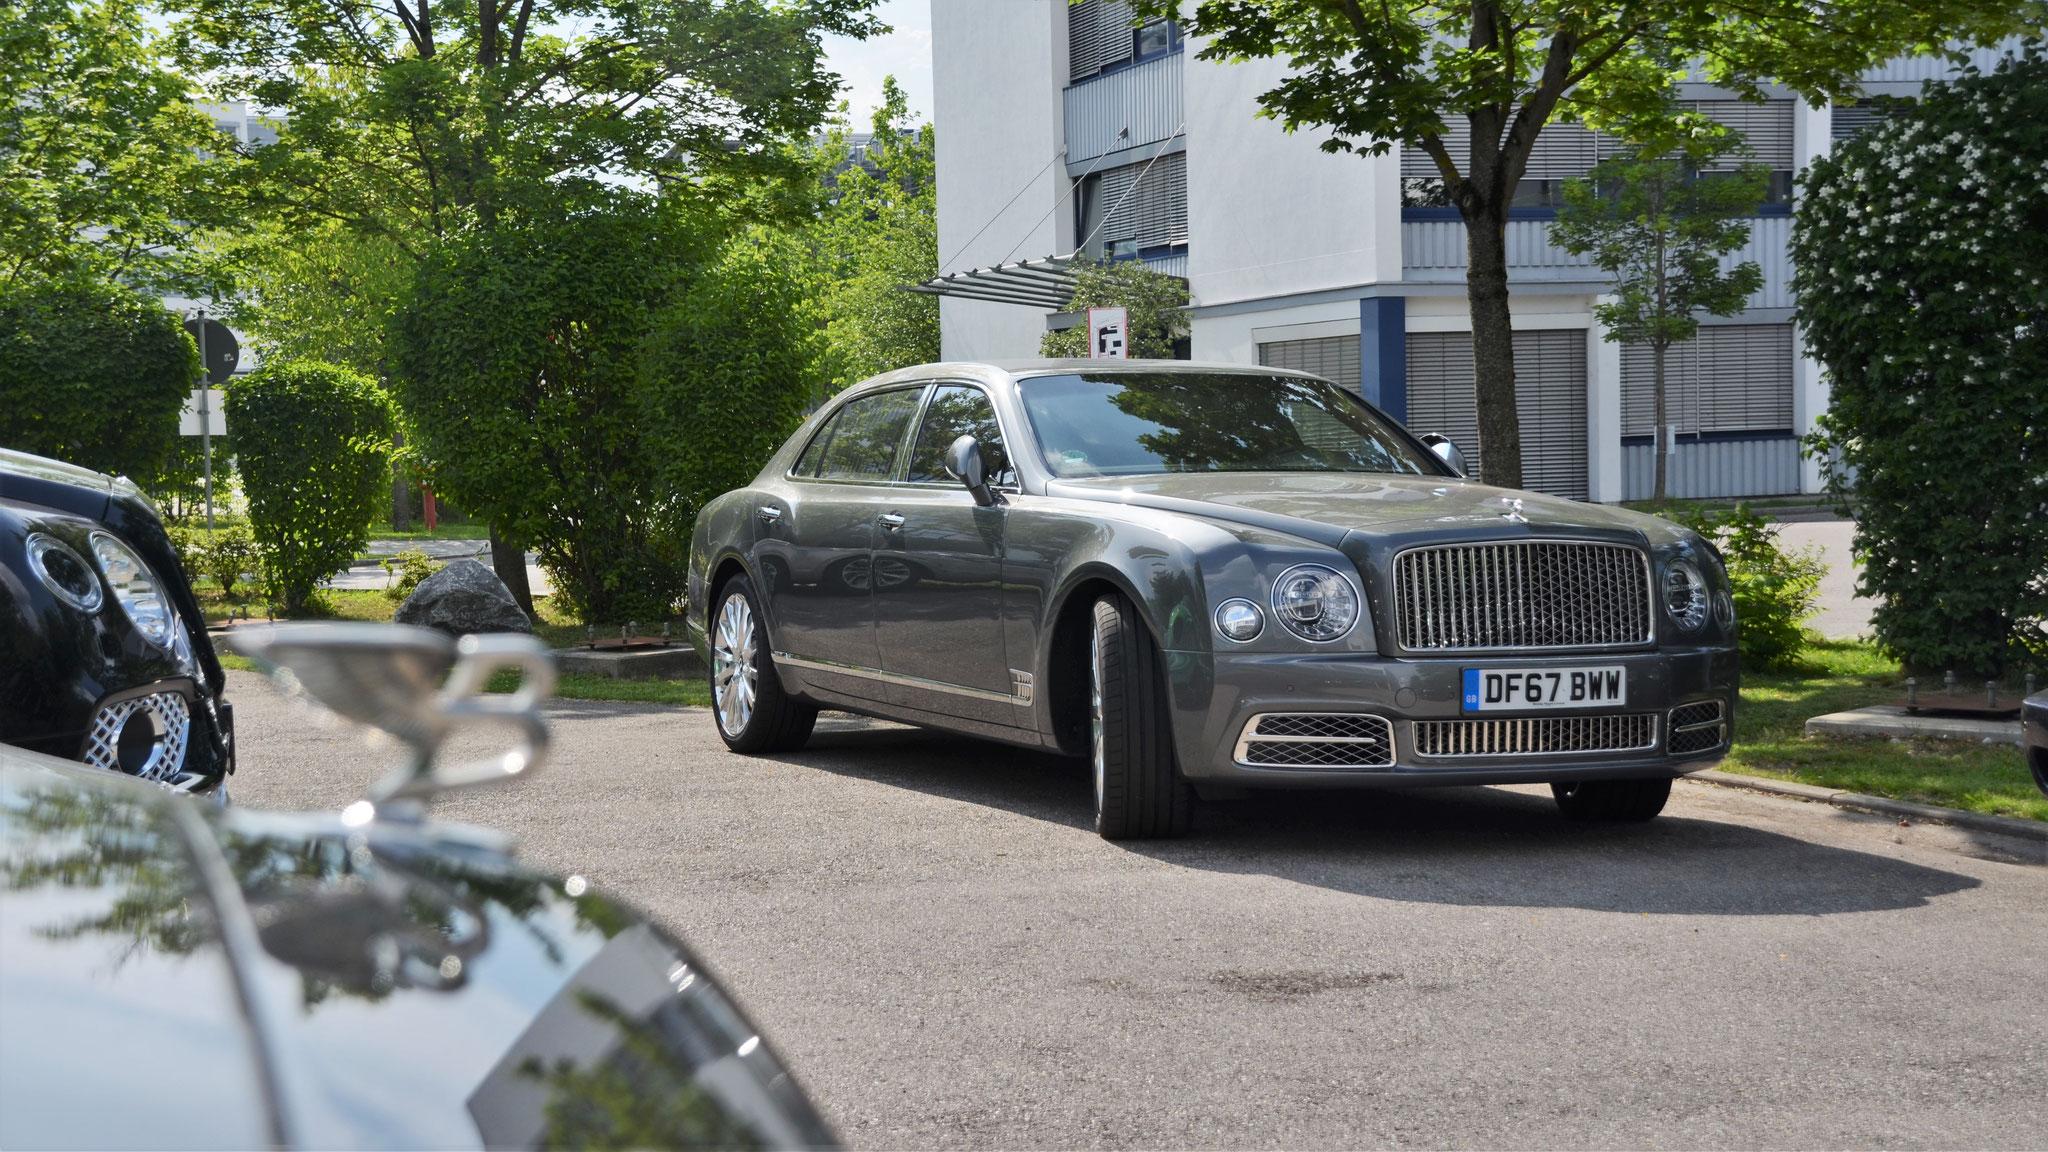 Bentley Mulsanne EWB - DF67-BWW (GB)